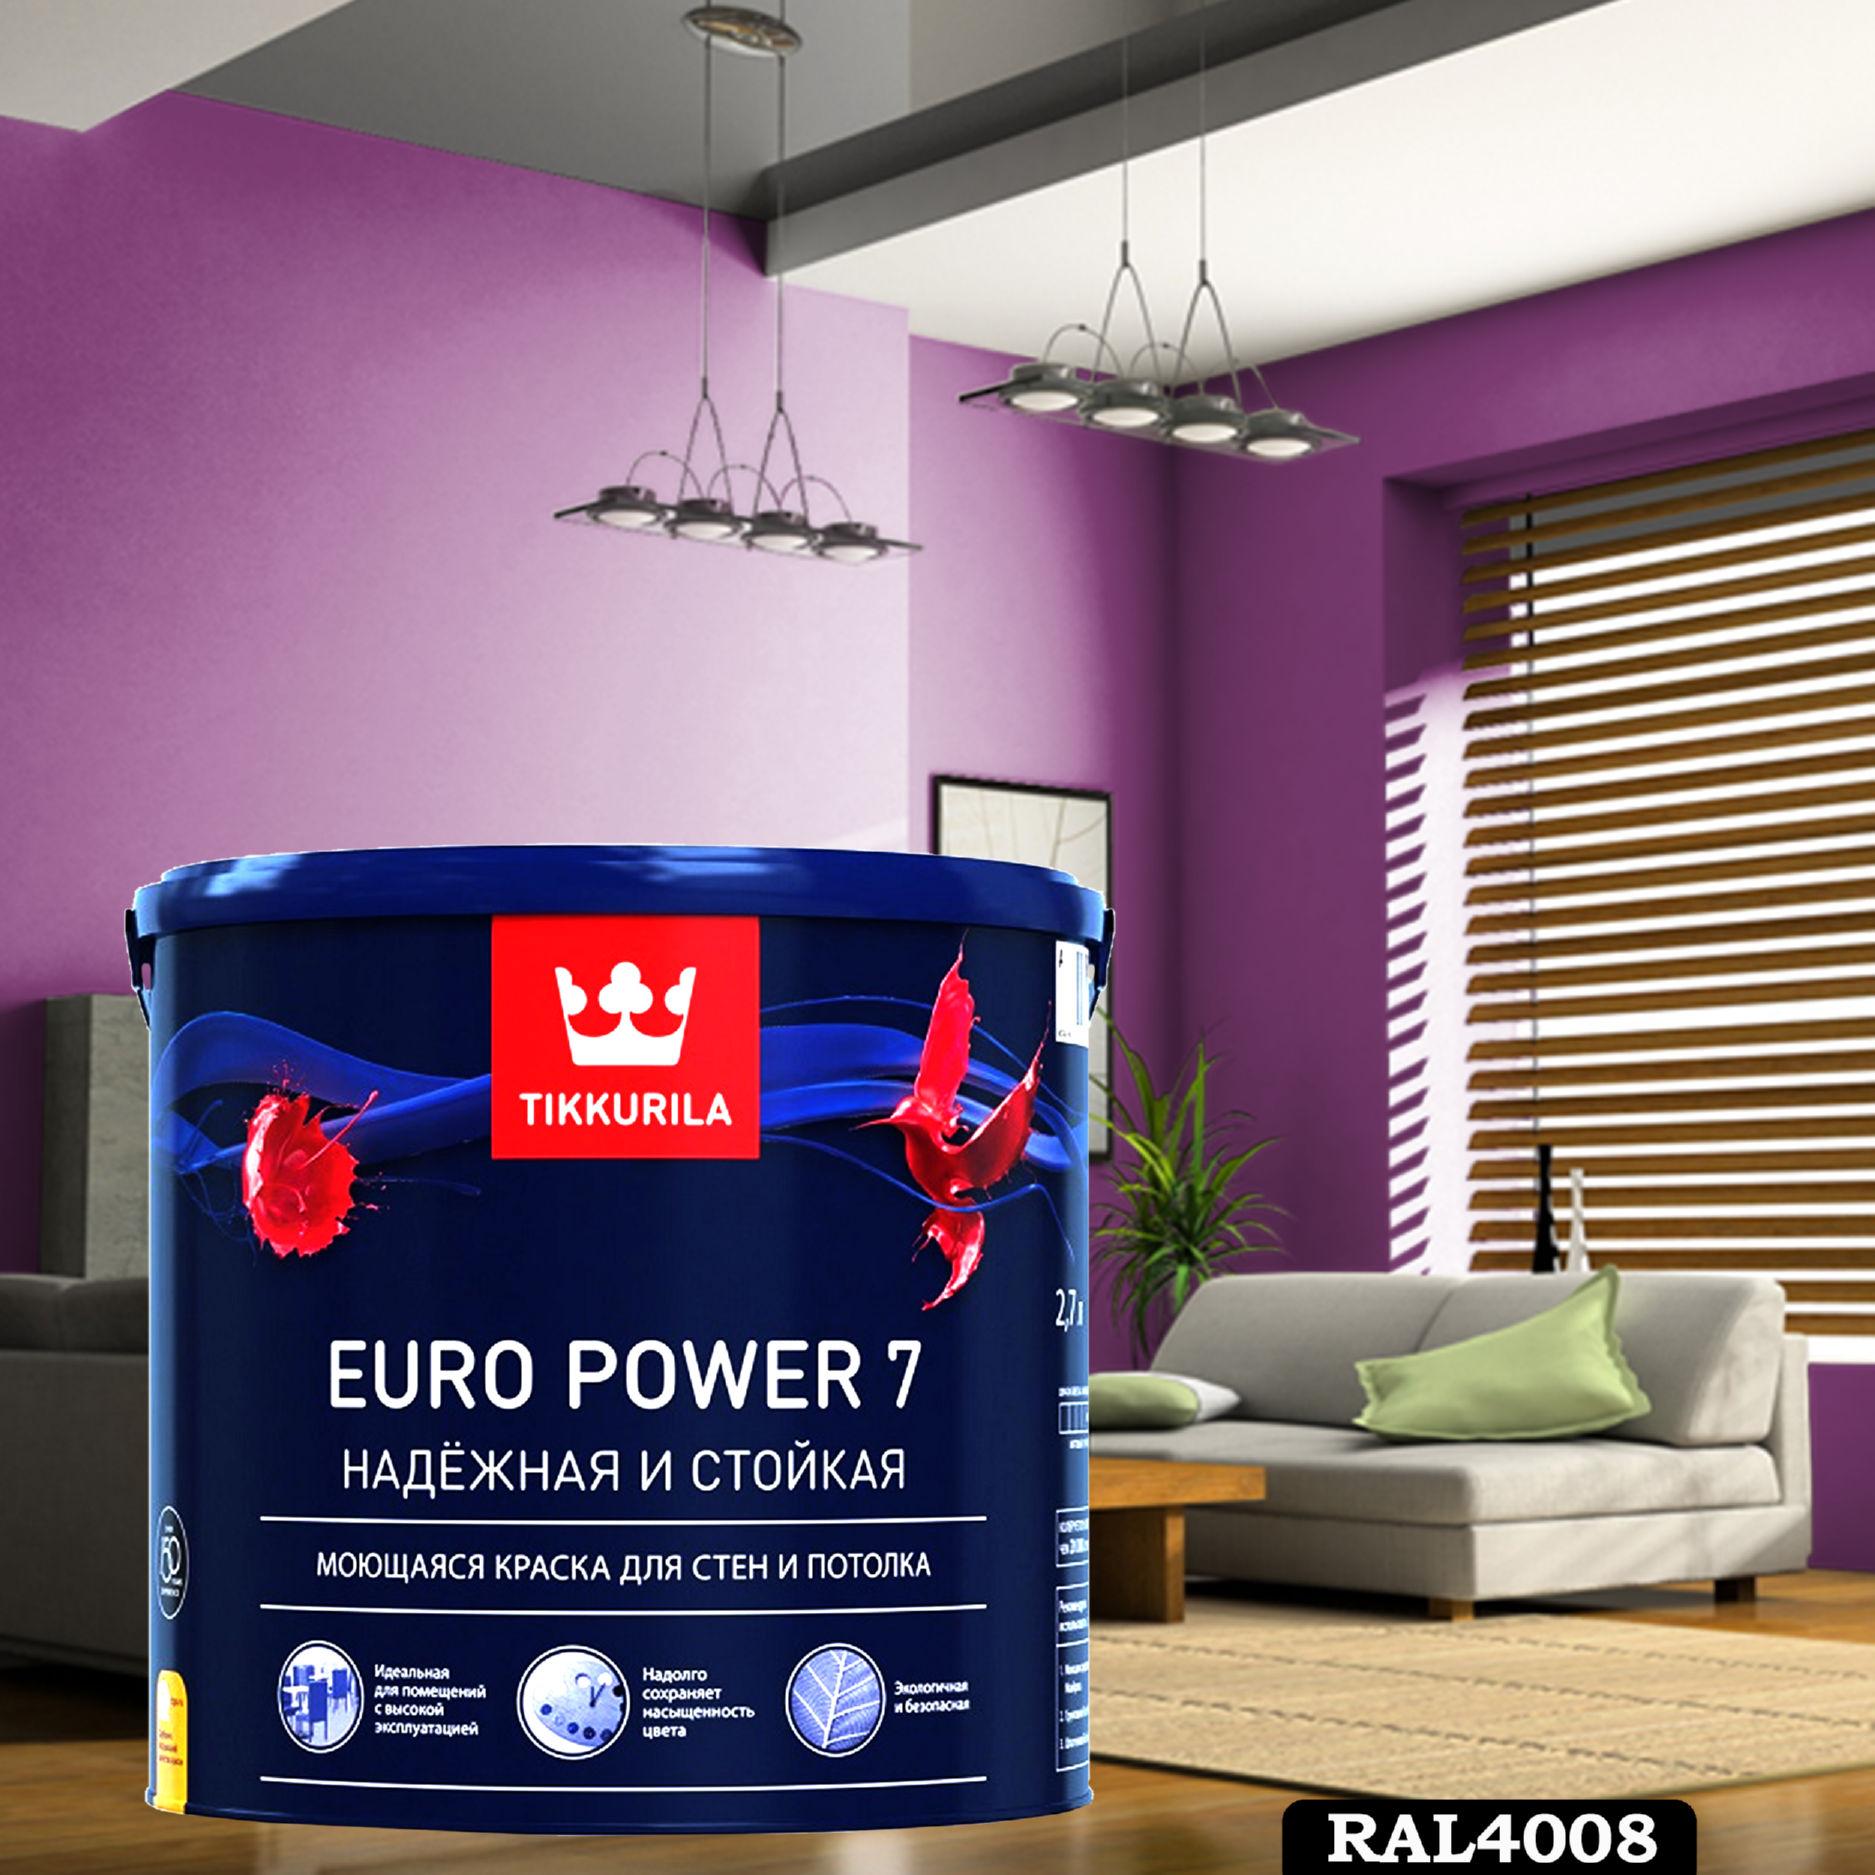 Фото 8 - Краска TIKKURILA Euro Power 7,  RAL 4008 Сигнальный-фиолетовый, латексная моющаяся матовая интерьерная, 9 л.